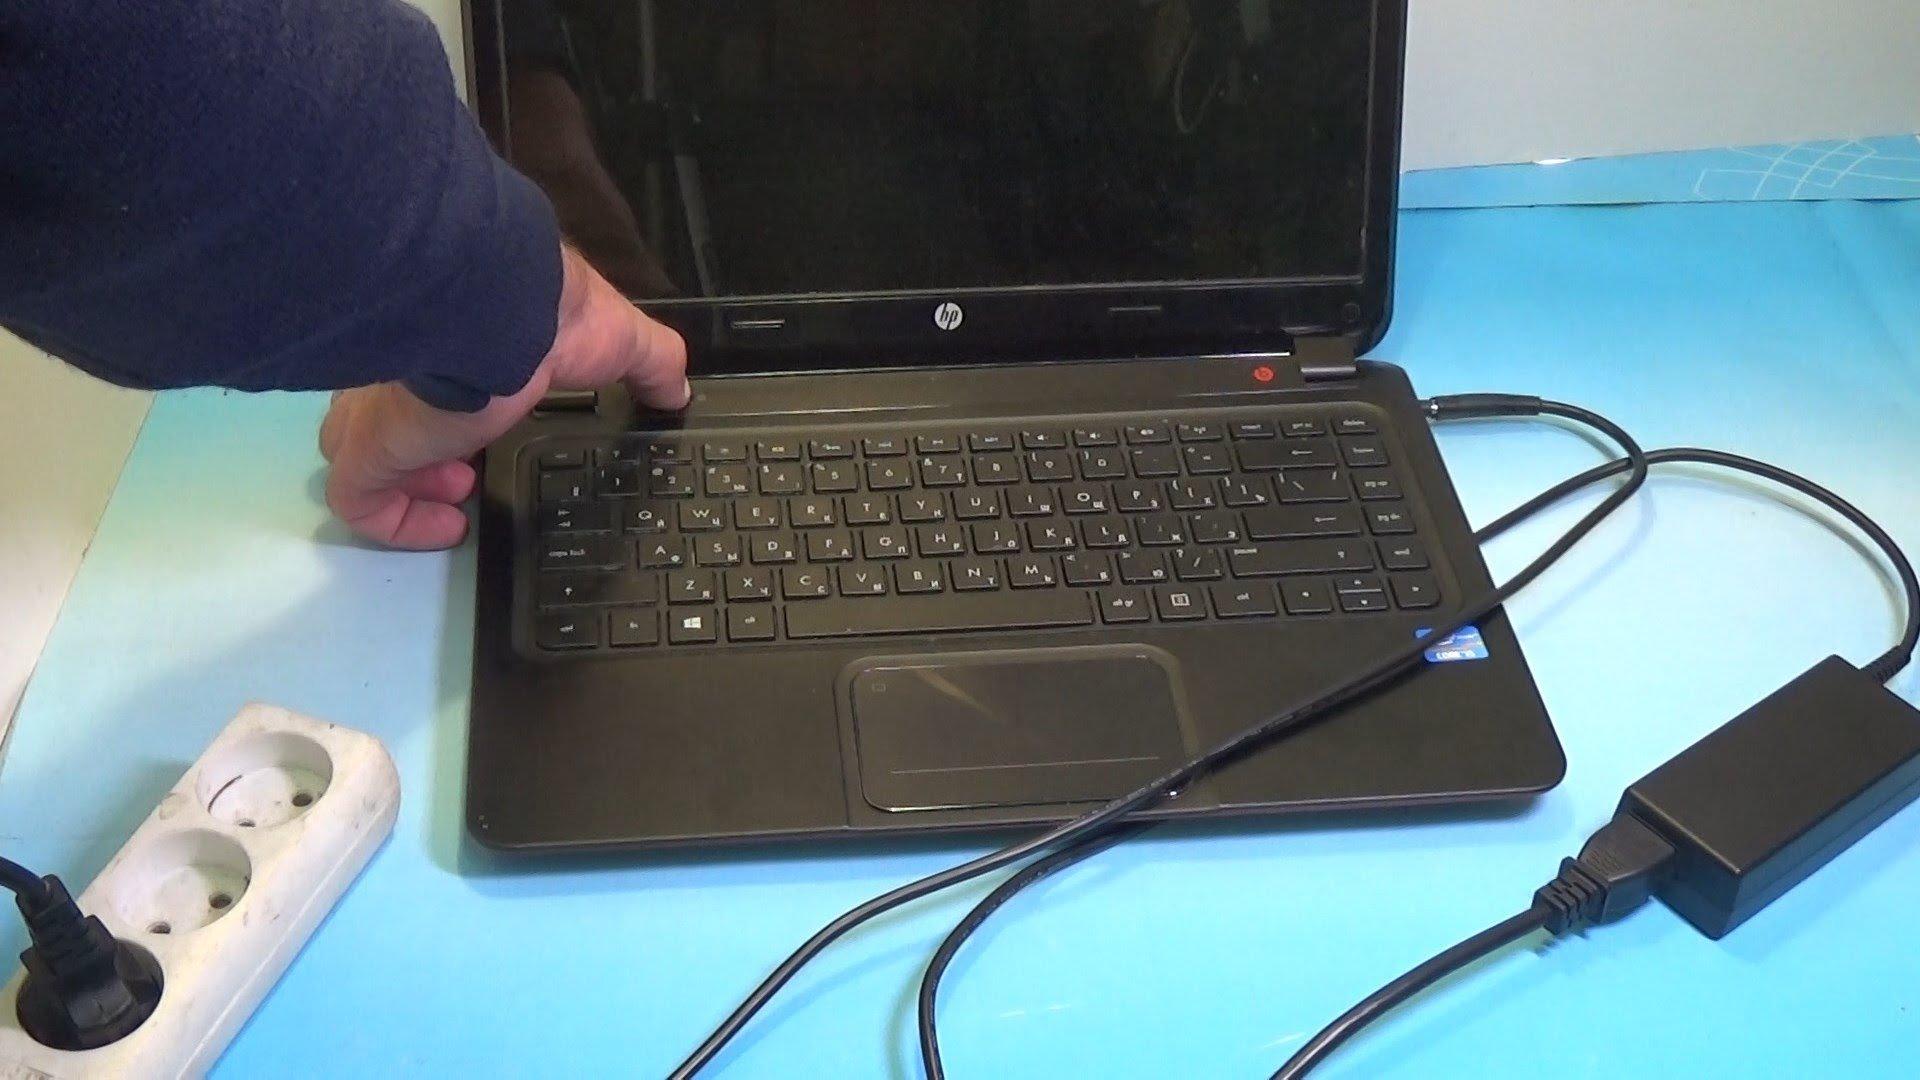 Что делать если ноутбук выключается сам по себе без перегрева